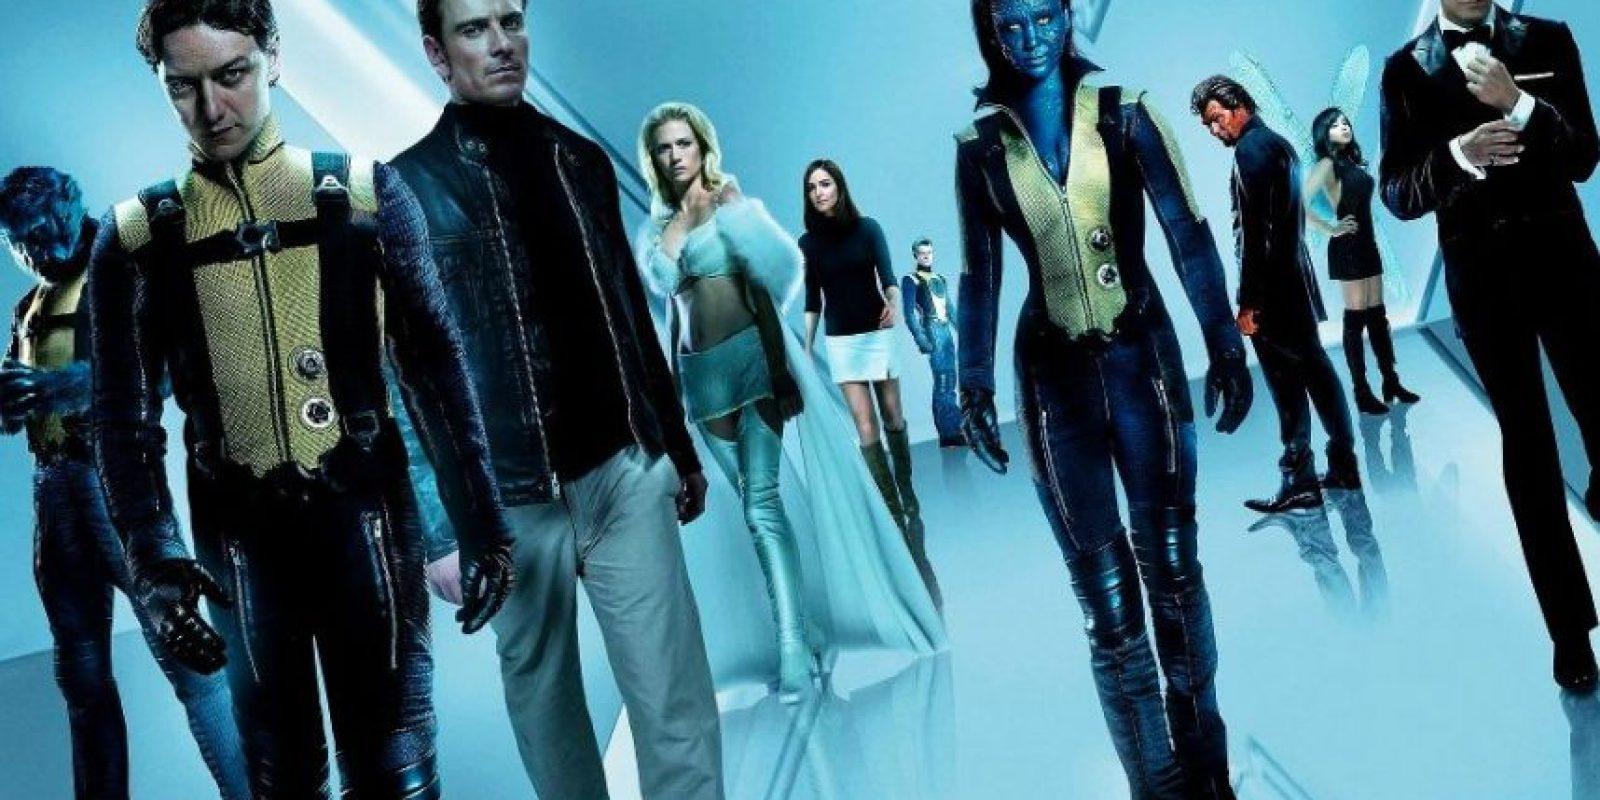 """Esta ocasión un grupo mutante se enfrentará a un poderoso enemigo, """"Apocalipsis"""". Foto:Facebook/X-Men películas"""